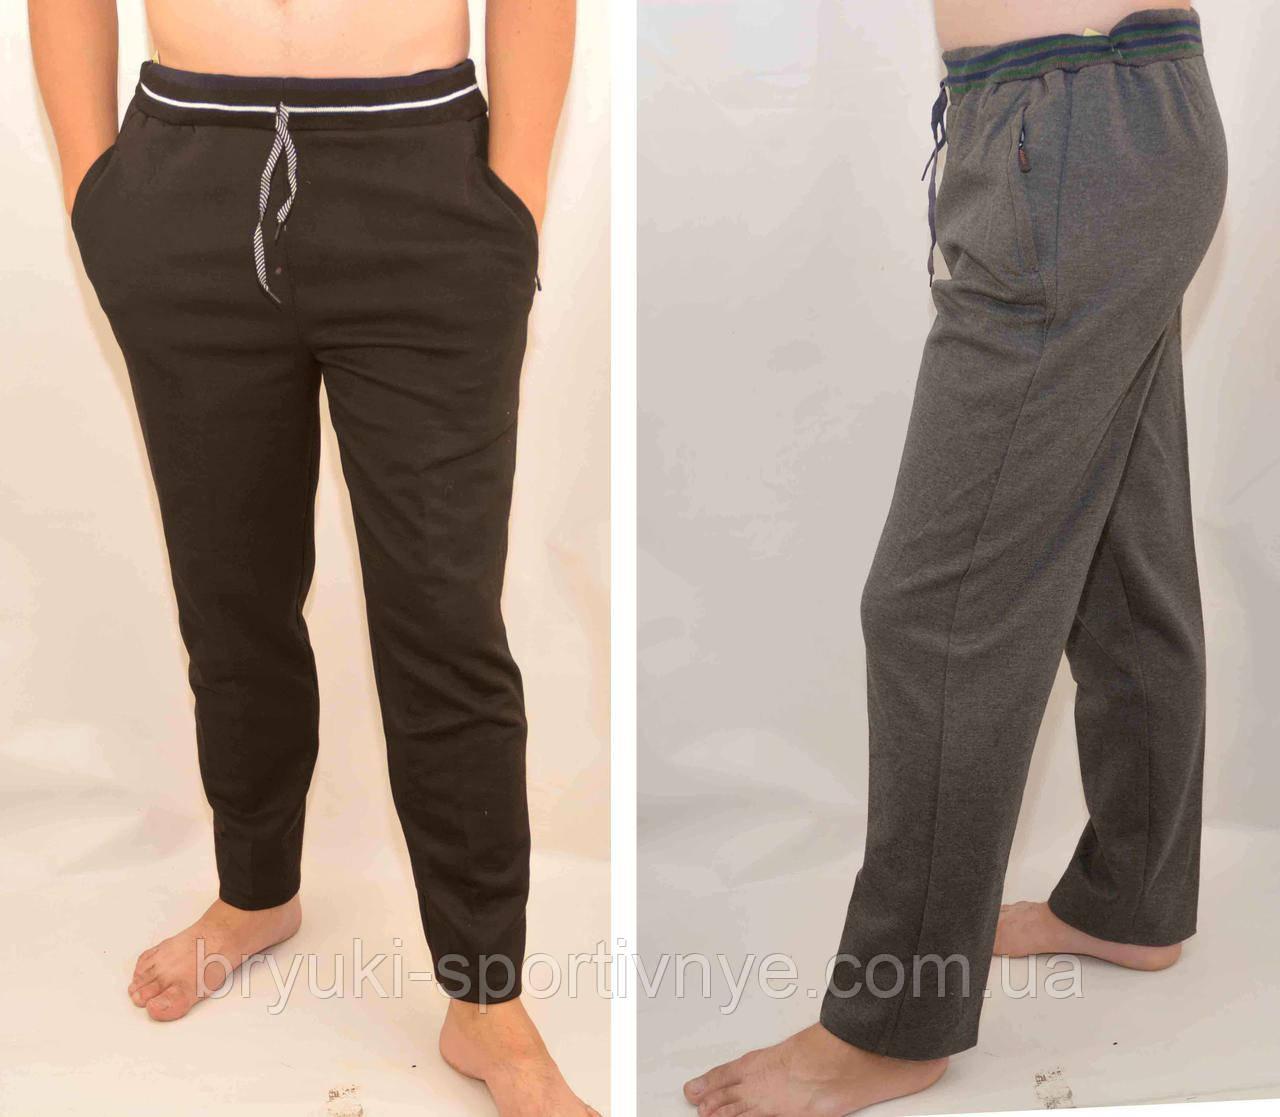 Спортивные штаны мужские трикотажные - широкий пояс